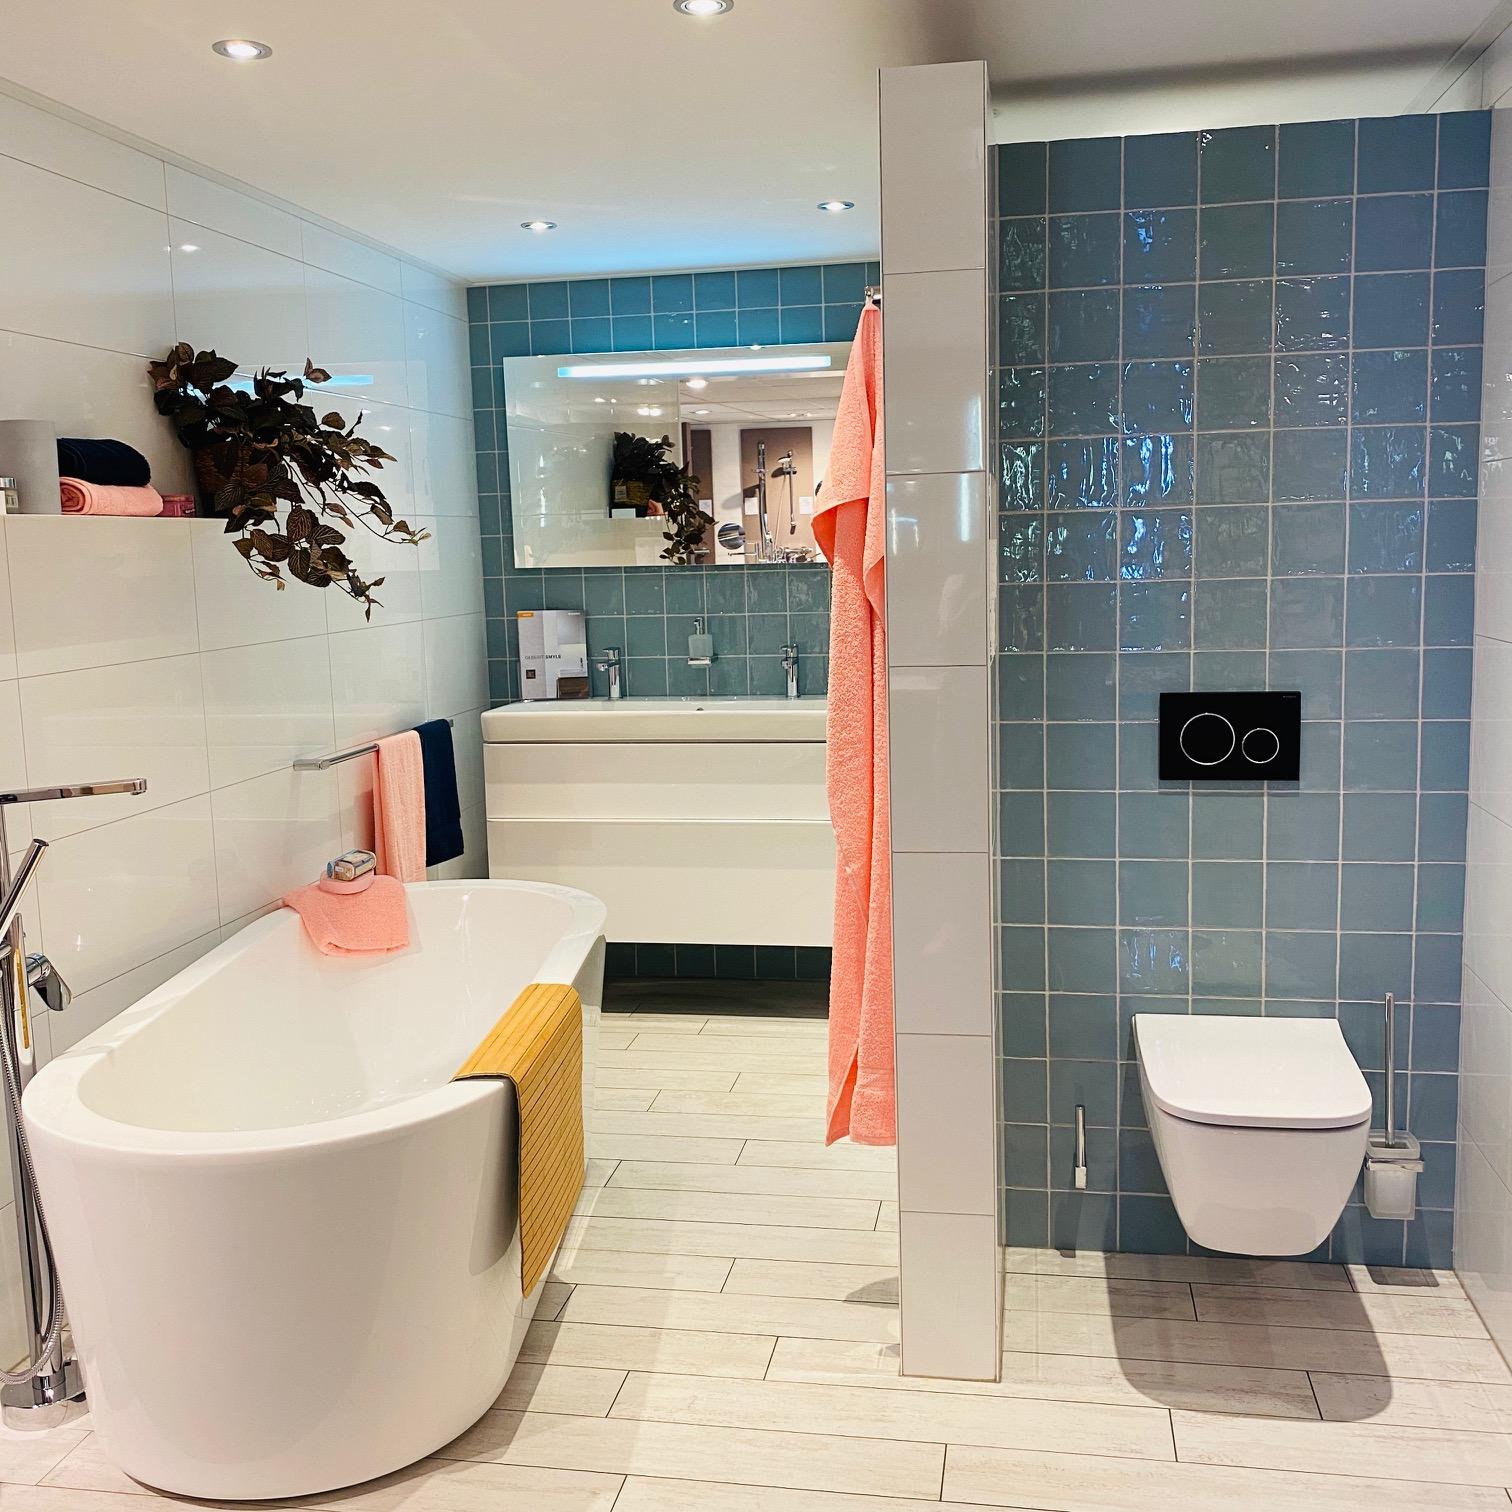 Tip Baderie Badkamers Op Maat Bij Geels Woonwarenhuis